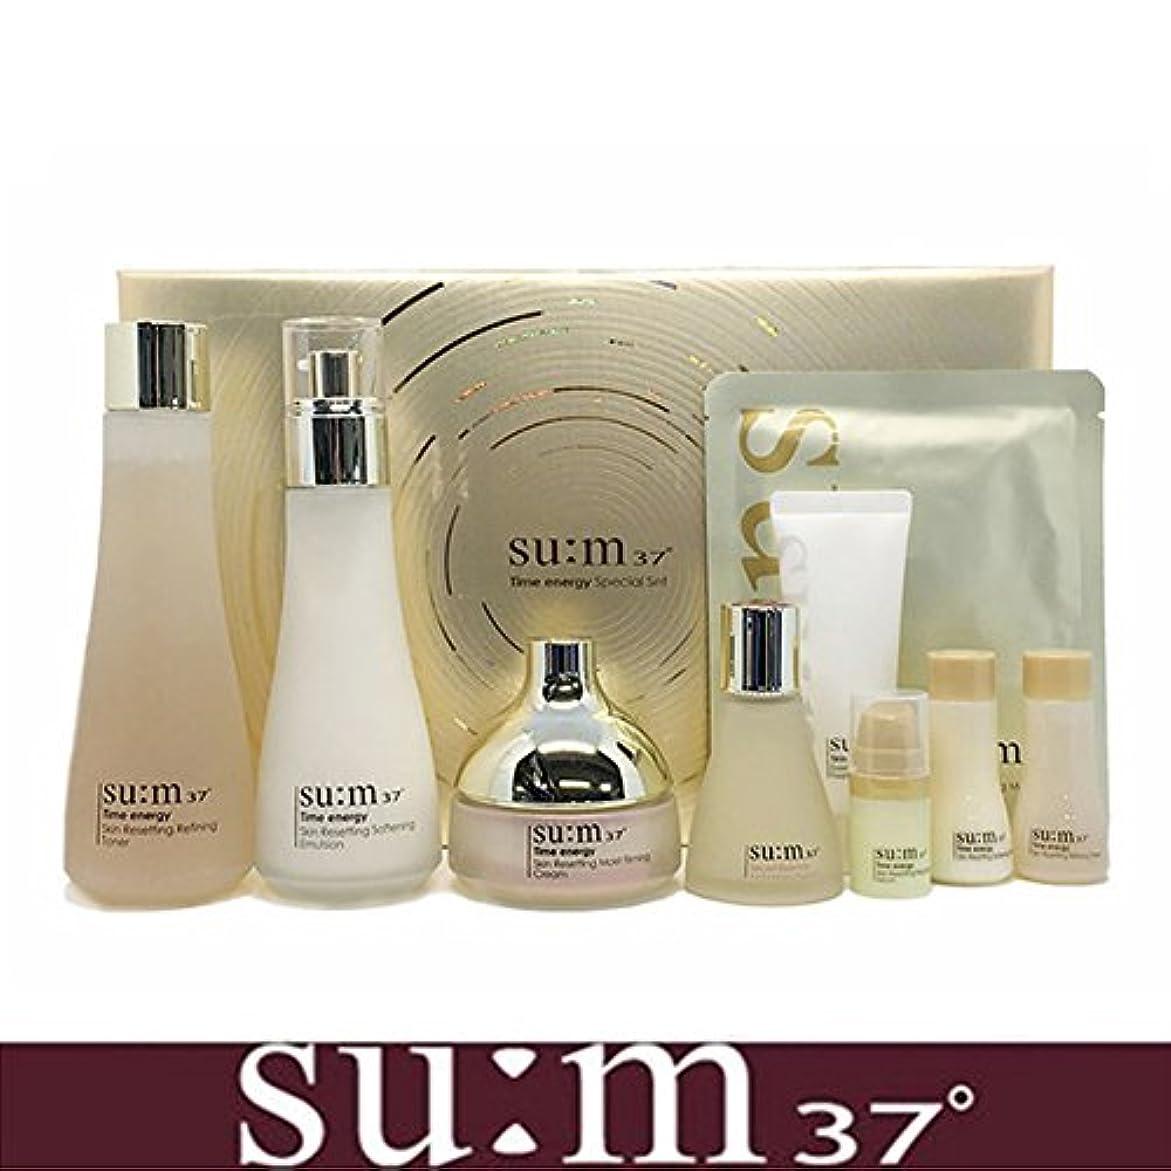 観光外科医言い訳[su:m37/スム37°] SUM37 Time Energy 3pcs Special Skincare Set / タイムエネルギーの3種のスペシャルセット+[Sample Gift](海外直送品)